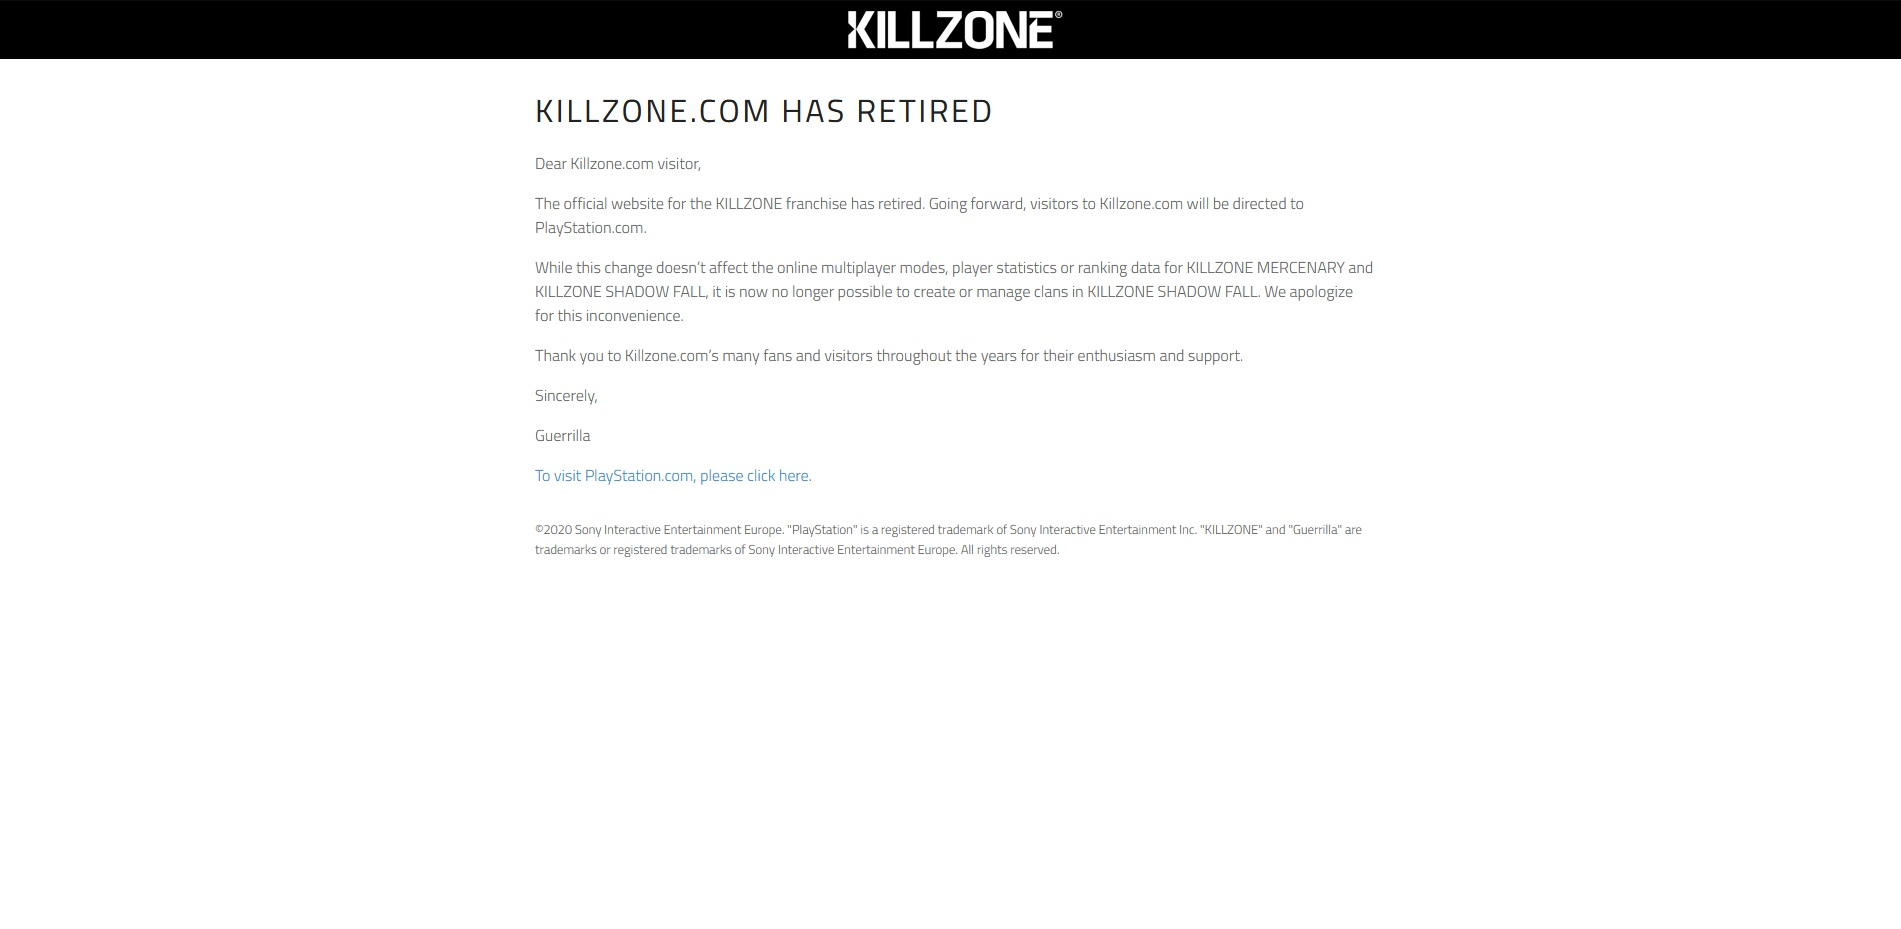 Zrušena oficiální stránka pro Killzone Killzone website